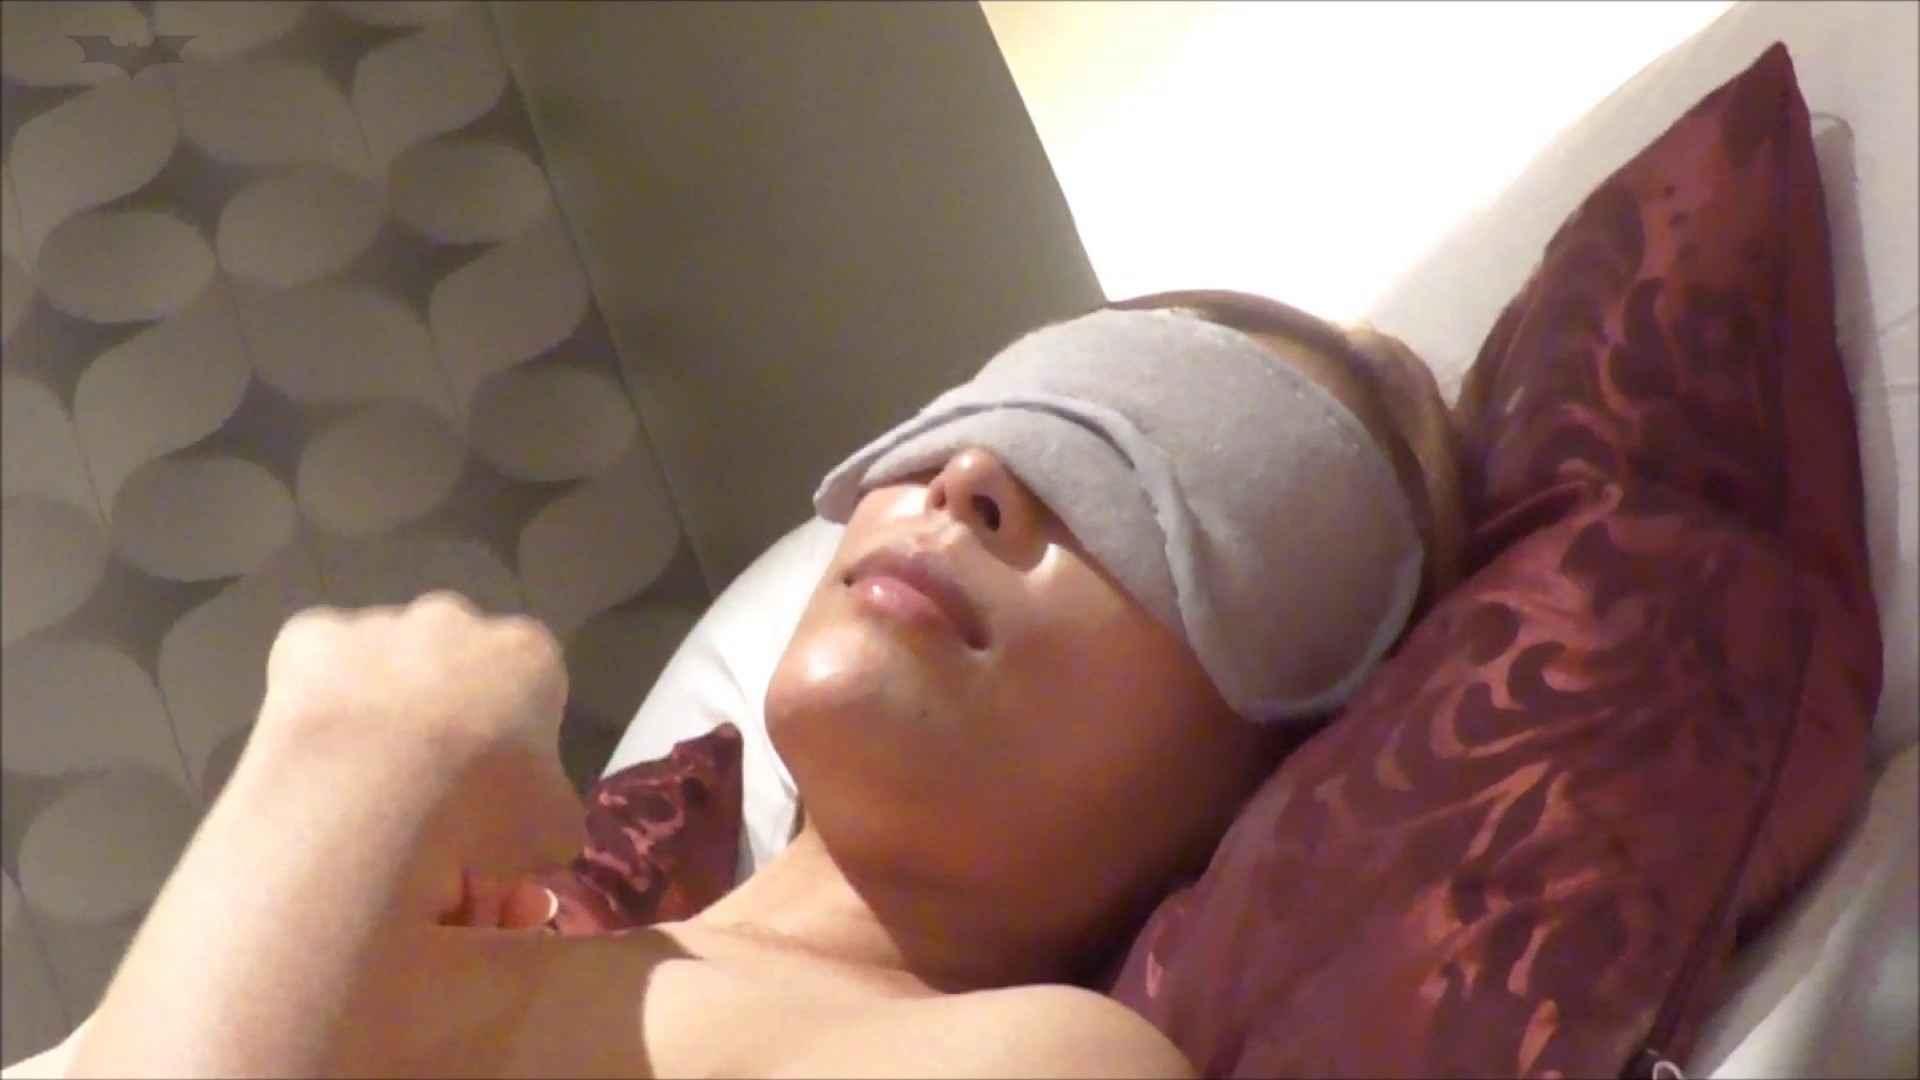 内緒でデリヘル盗撮 Vol.03中編 美肌、美人のデリ嬢にいよいよ挿入! セックス セックス画像 95枚 73